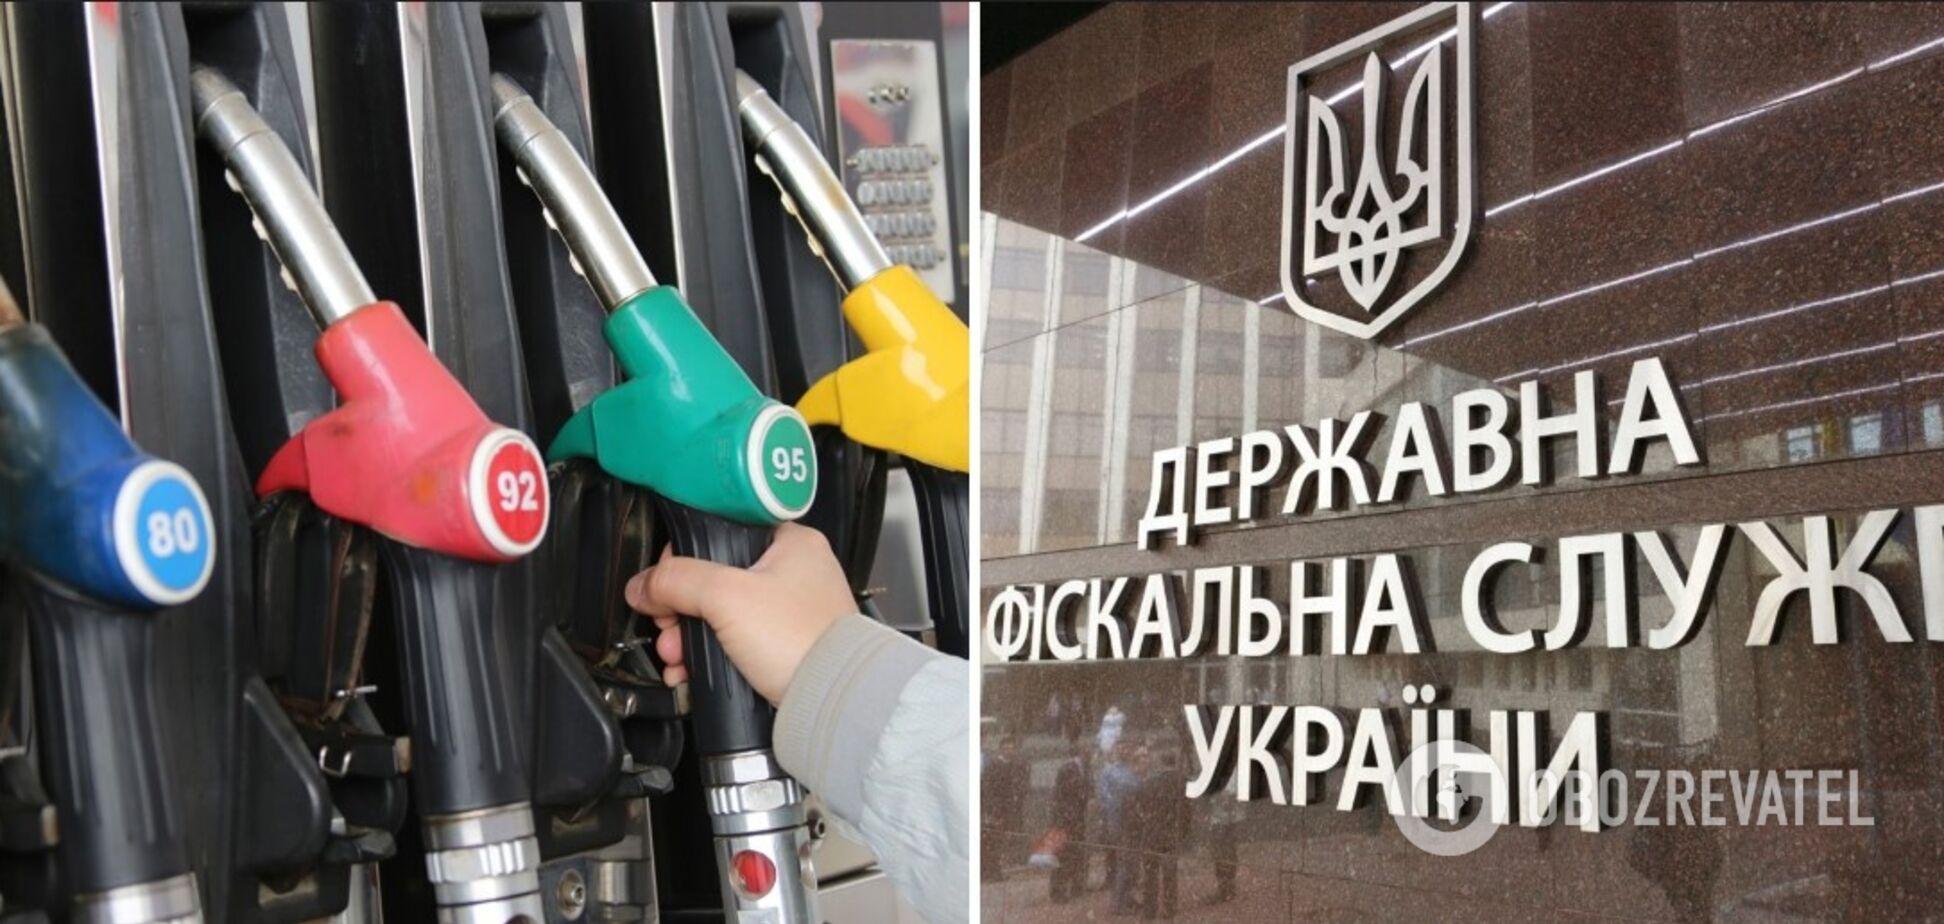 ДФС та СБУ викрили масштабну схему реалізації неякісних нафтопродуктів